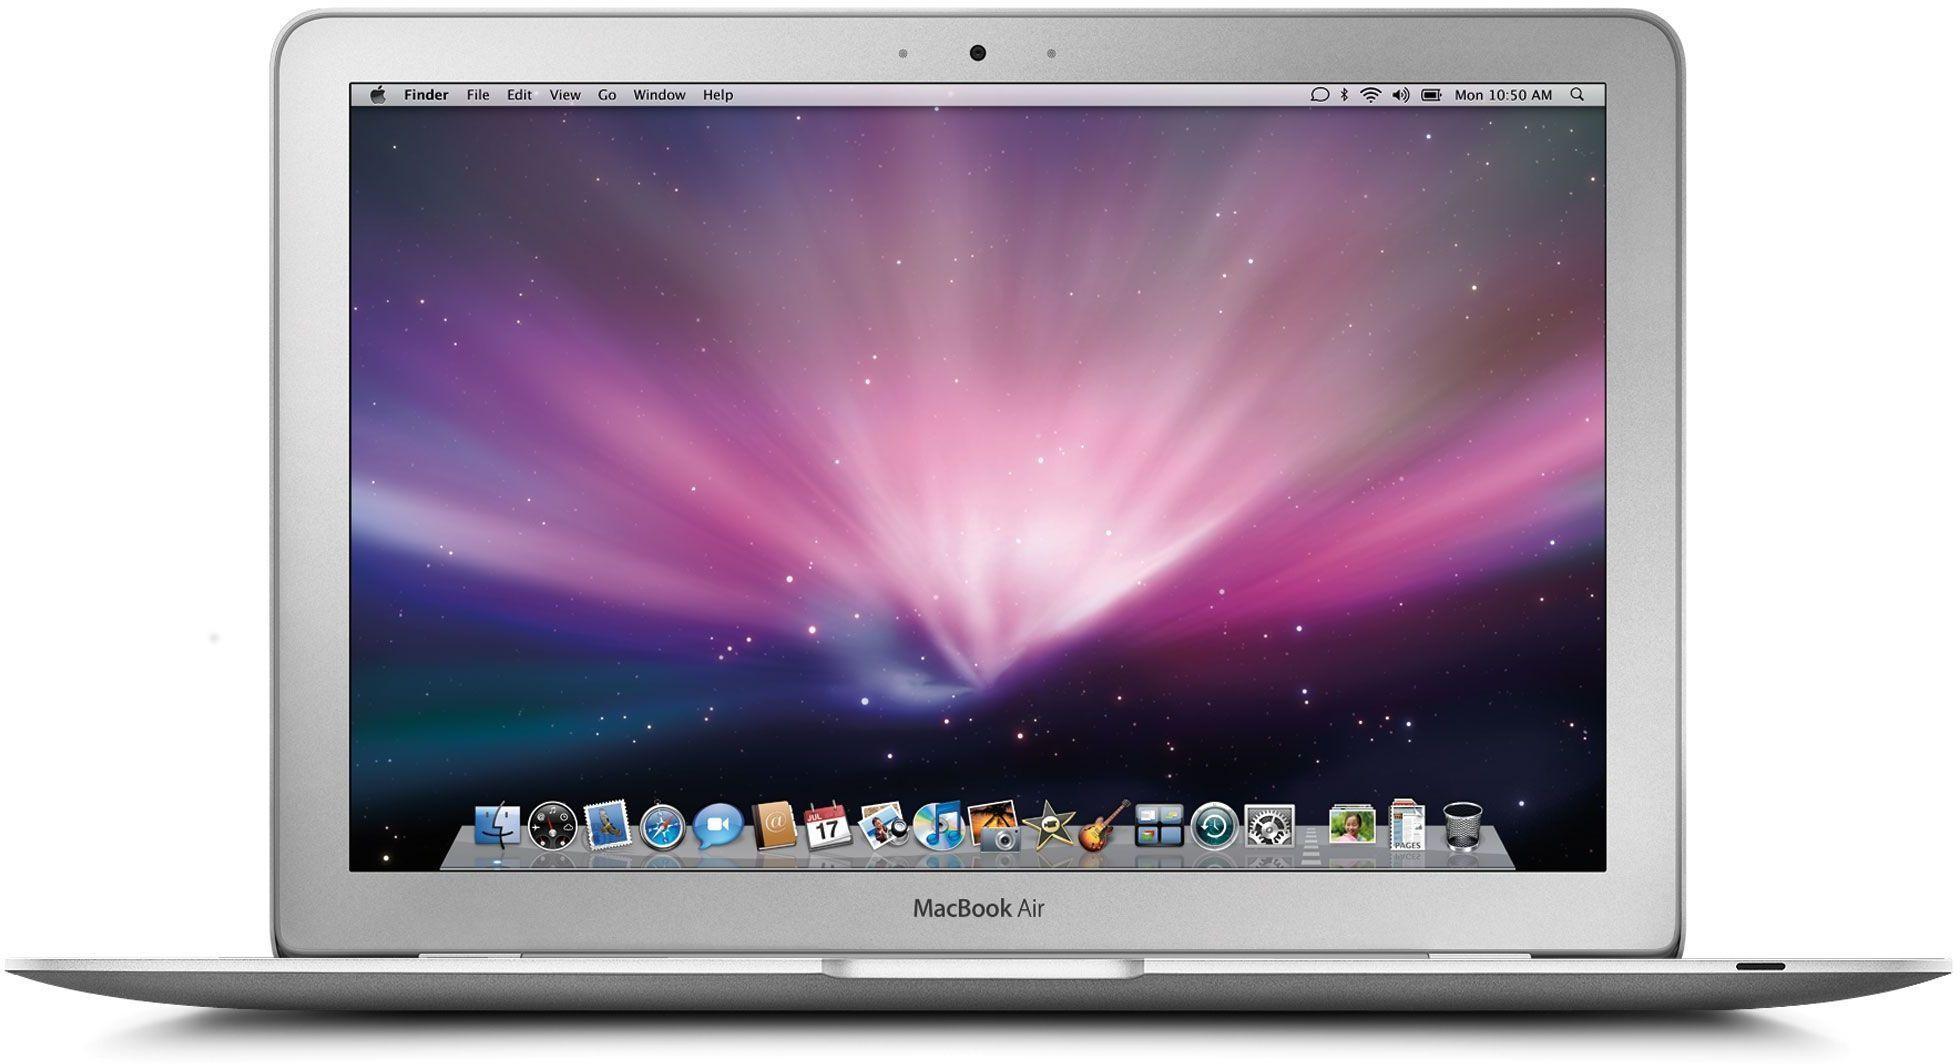 купить Apple MacBook Air MC965 в Киеве по низкой цене.